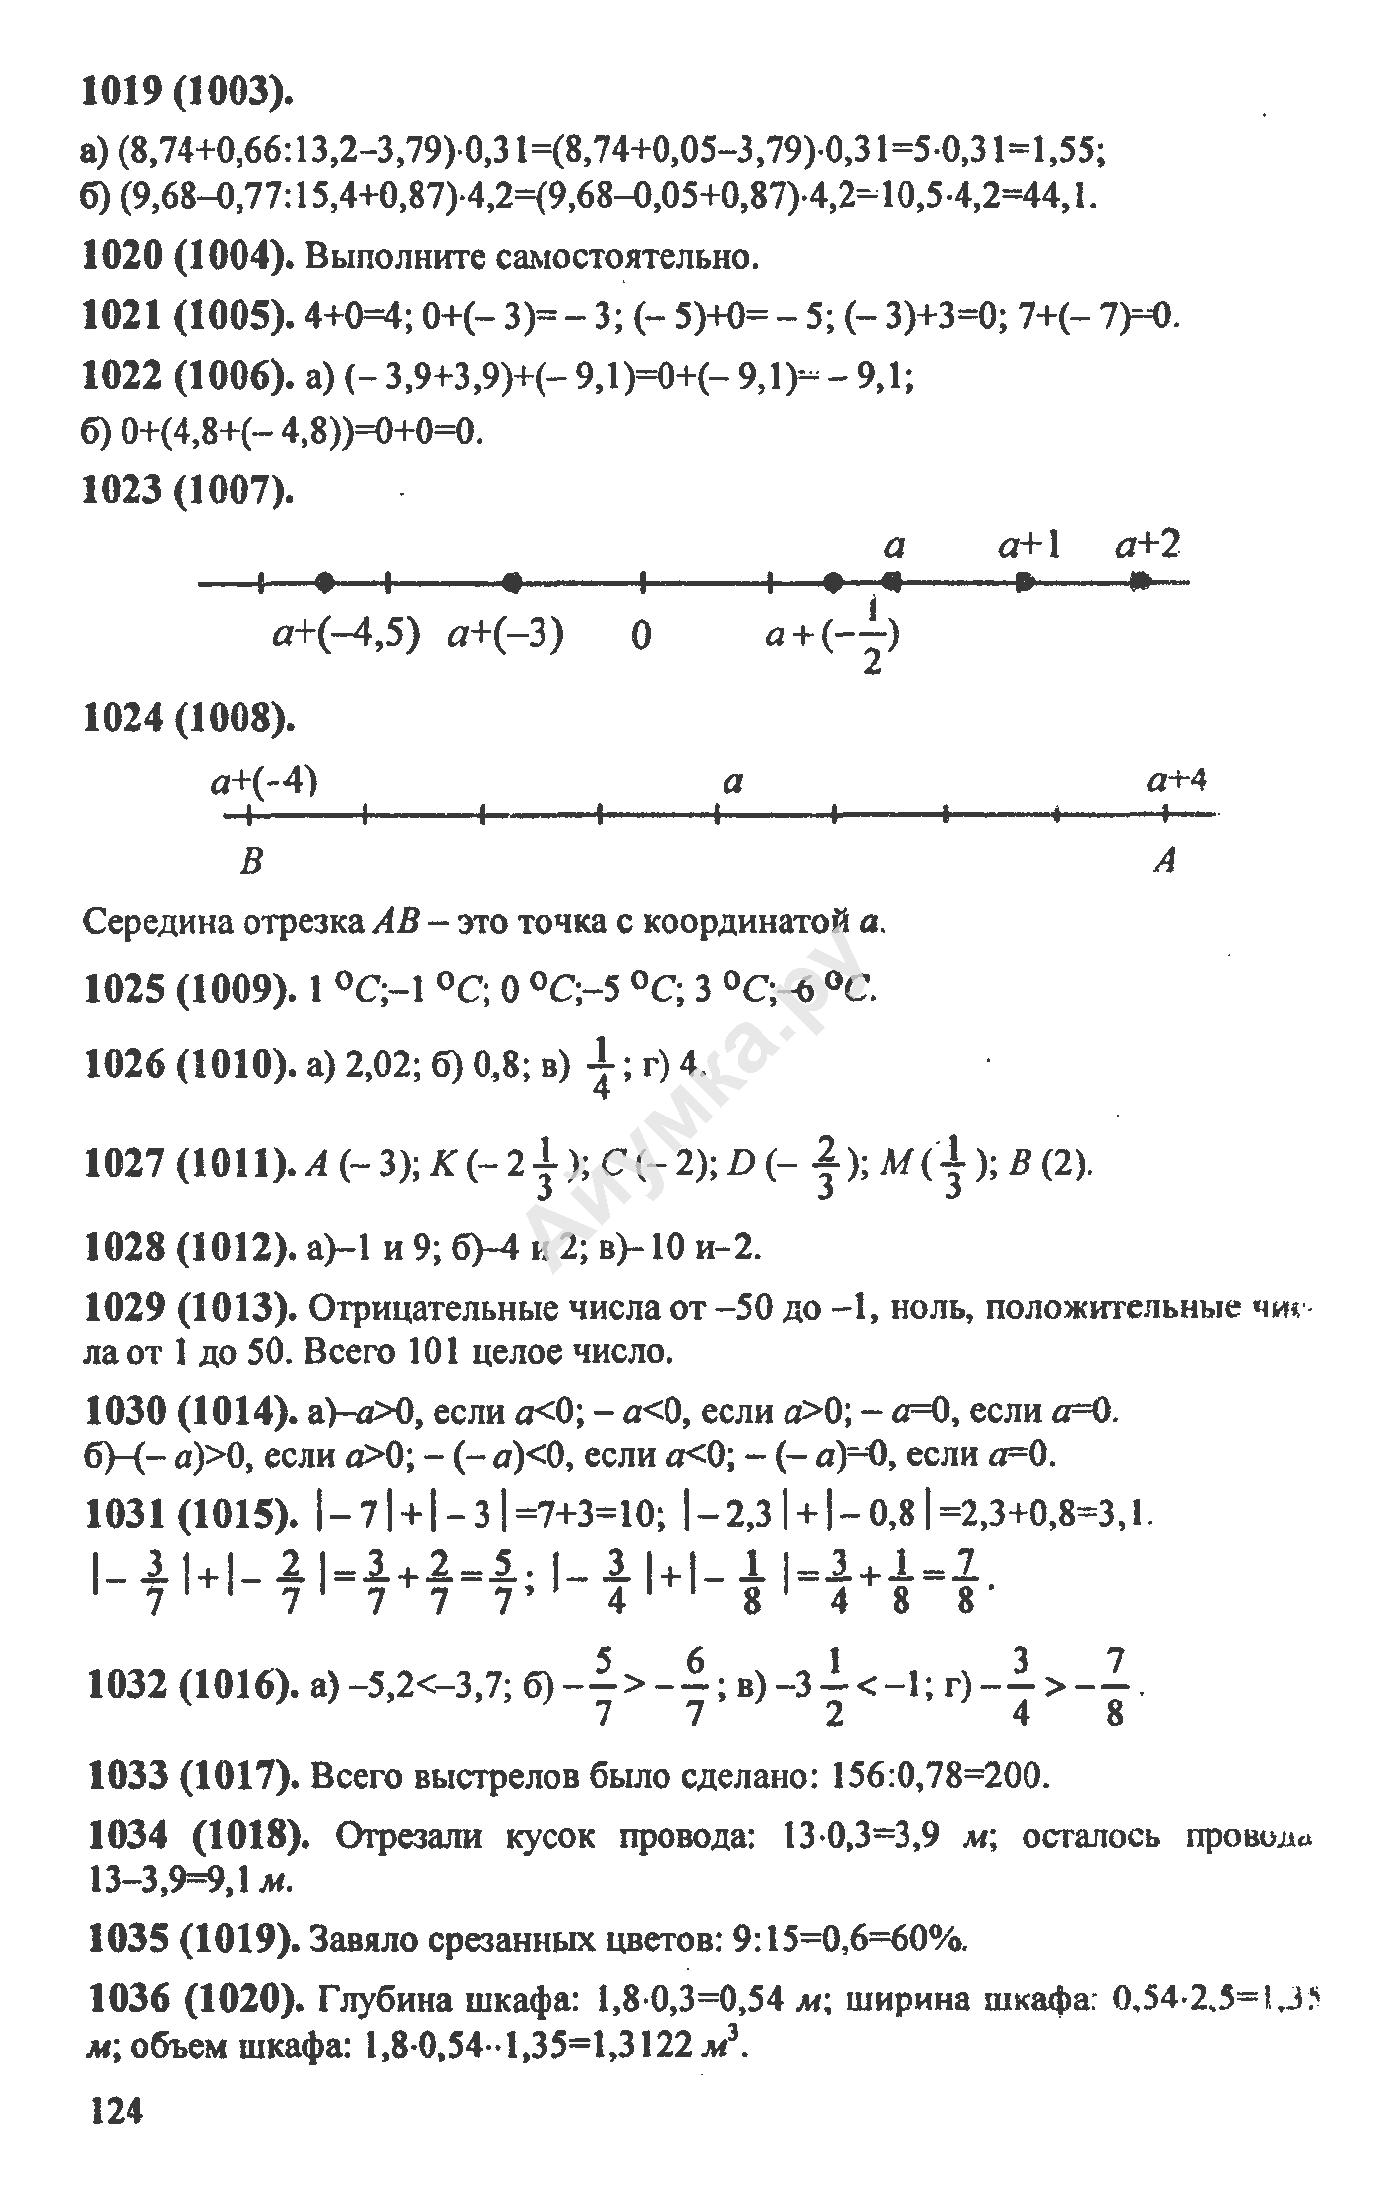 Ю н сычев г.в сыпчев физика 7 класс ответы